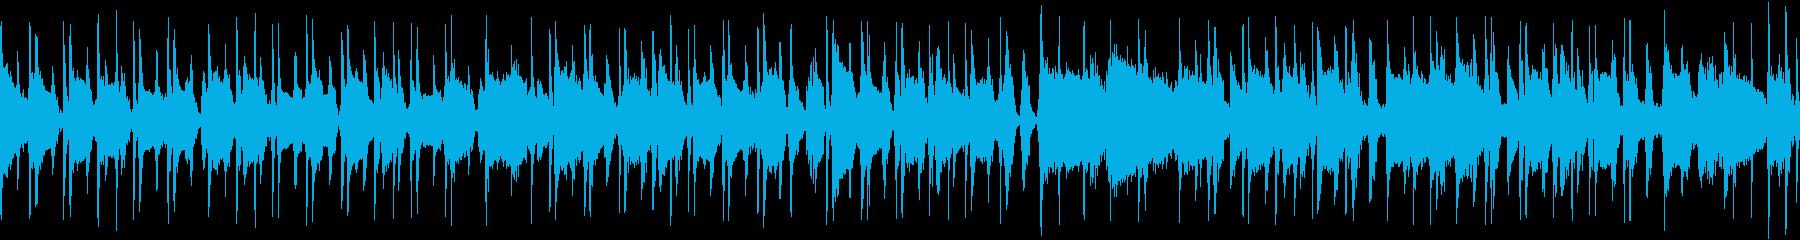 Cartoon シンセサイザー ア...の再生済みの波形